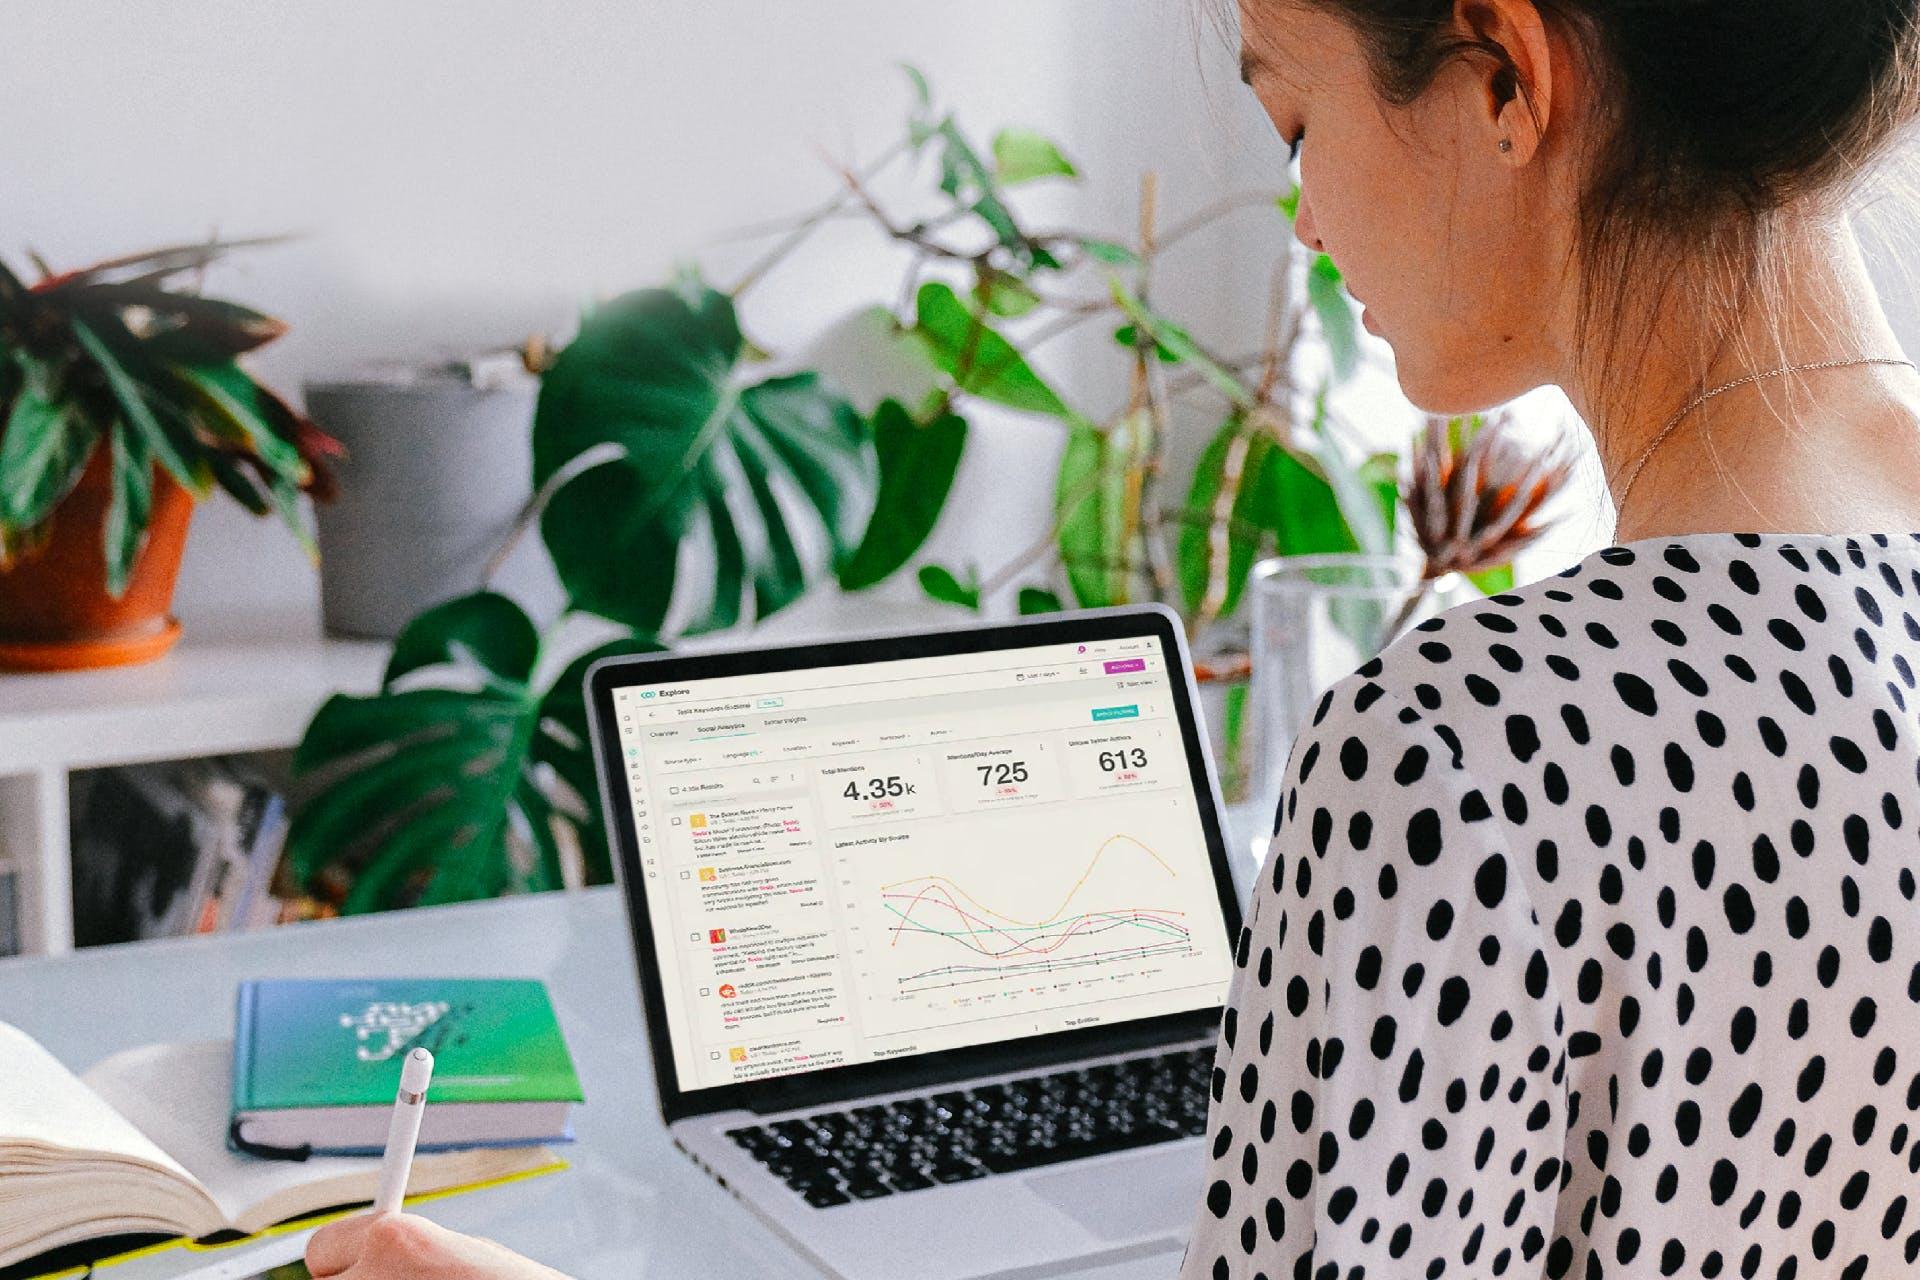 nainen tietokoneen edessä katsoo näytöltä data-analytiikkaa